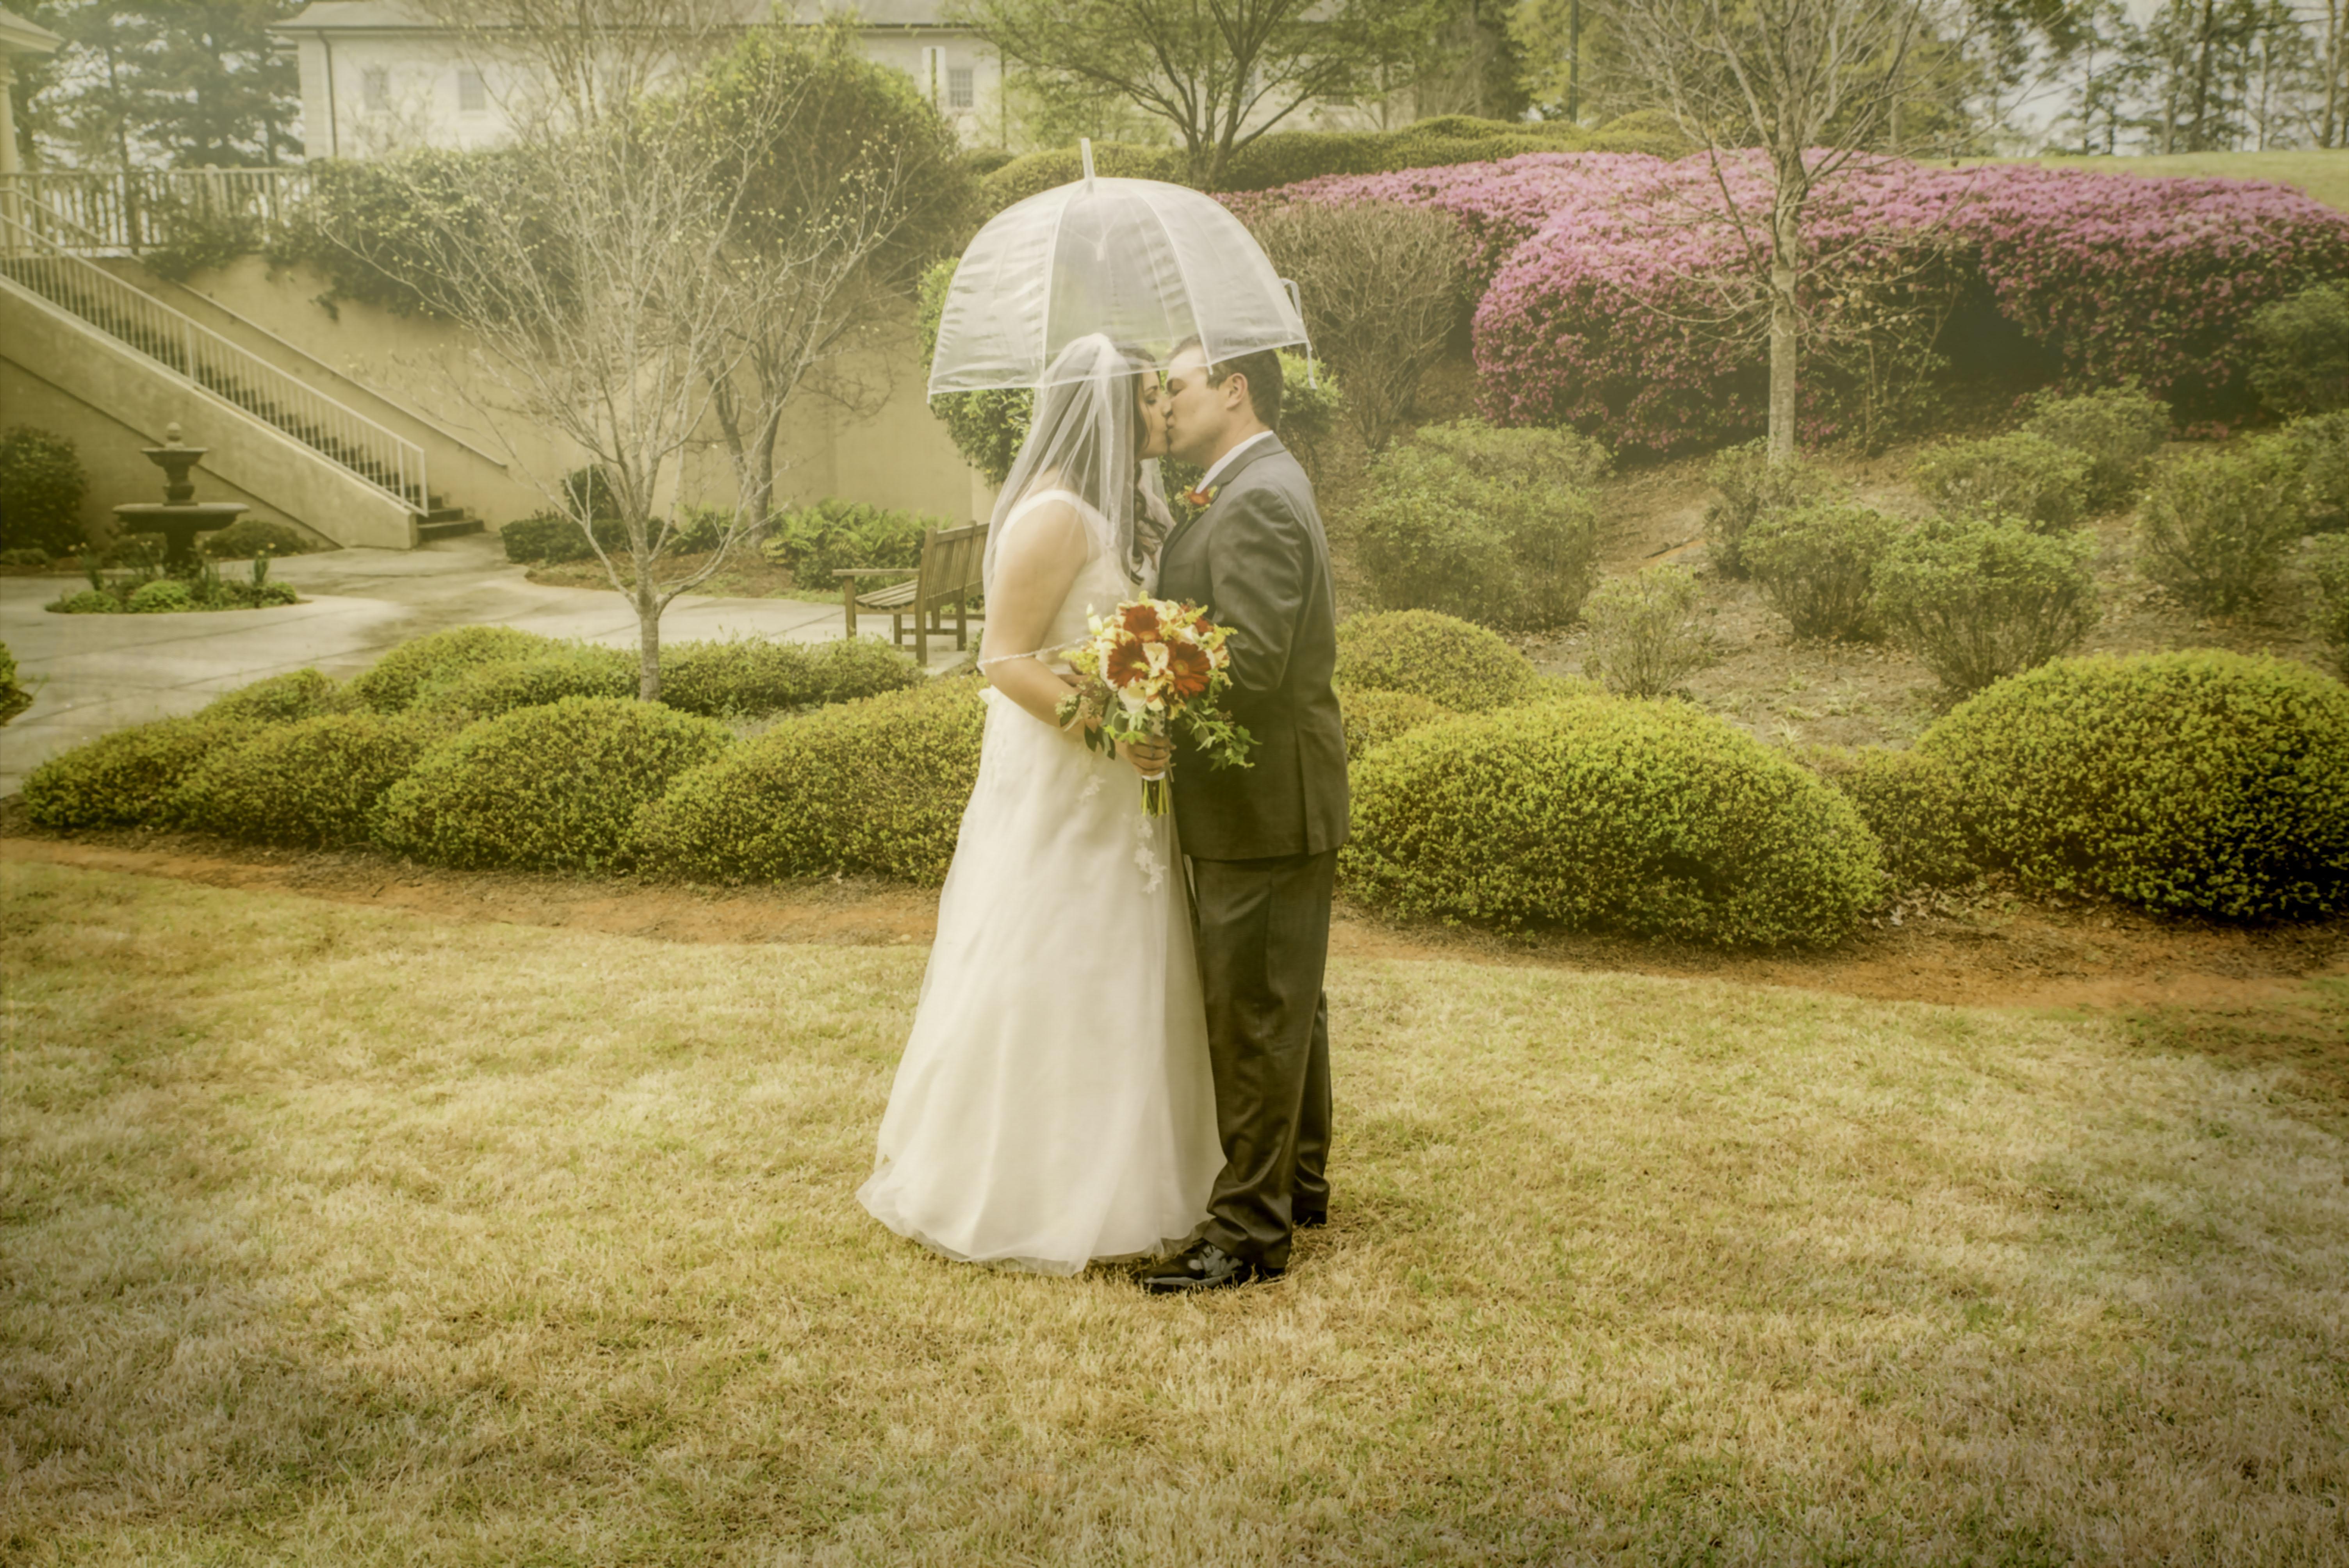 Athens GA Photographer: S. V. Story